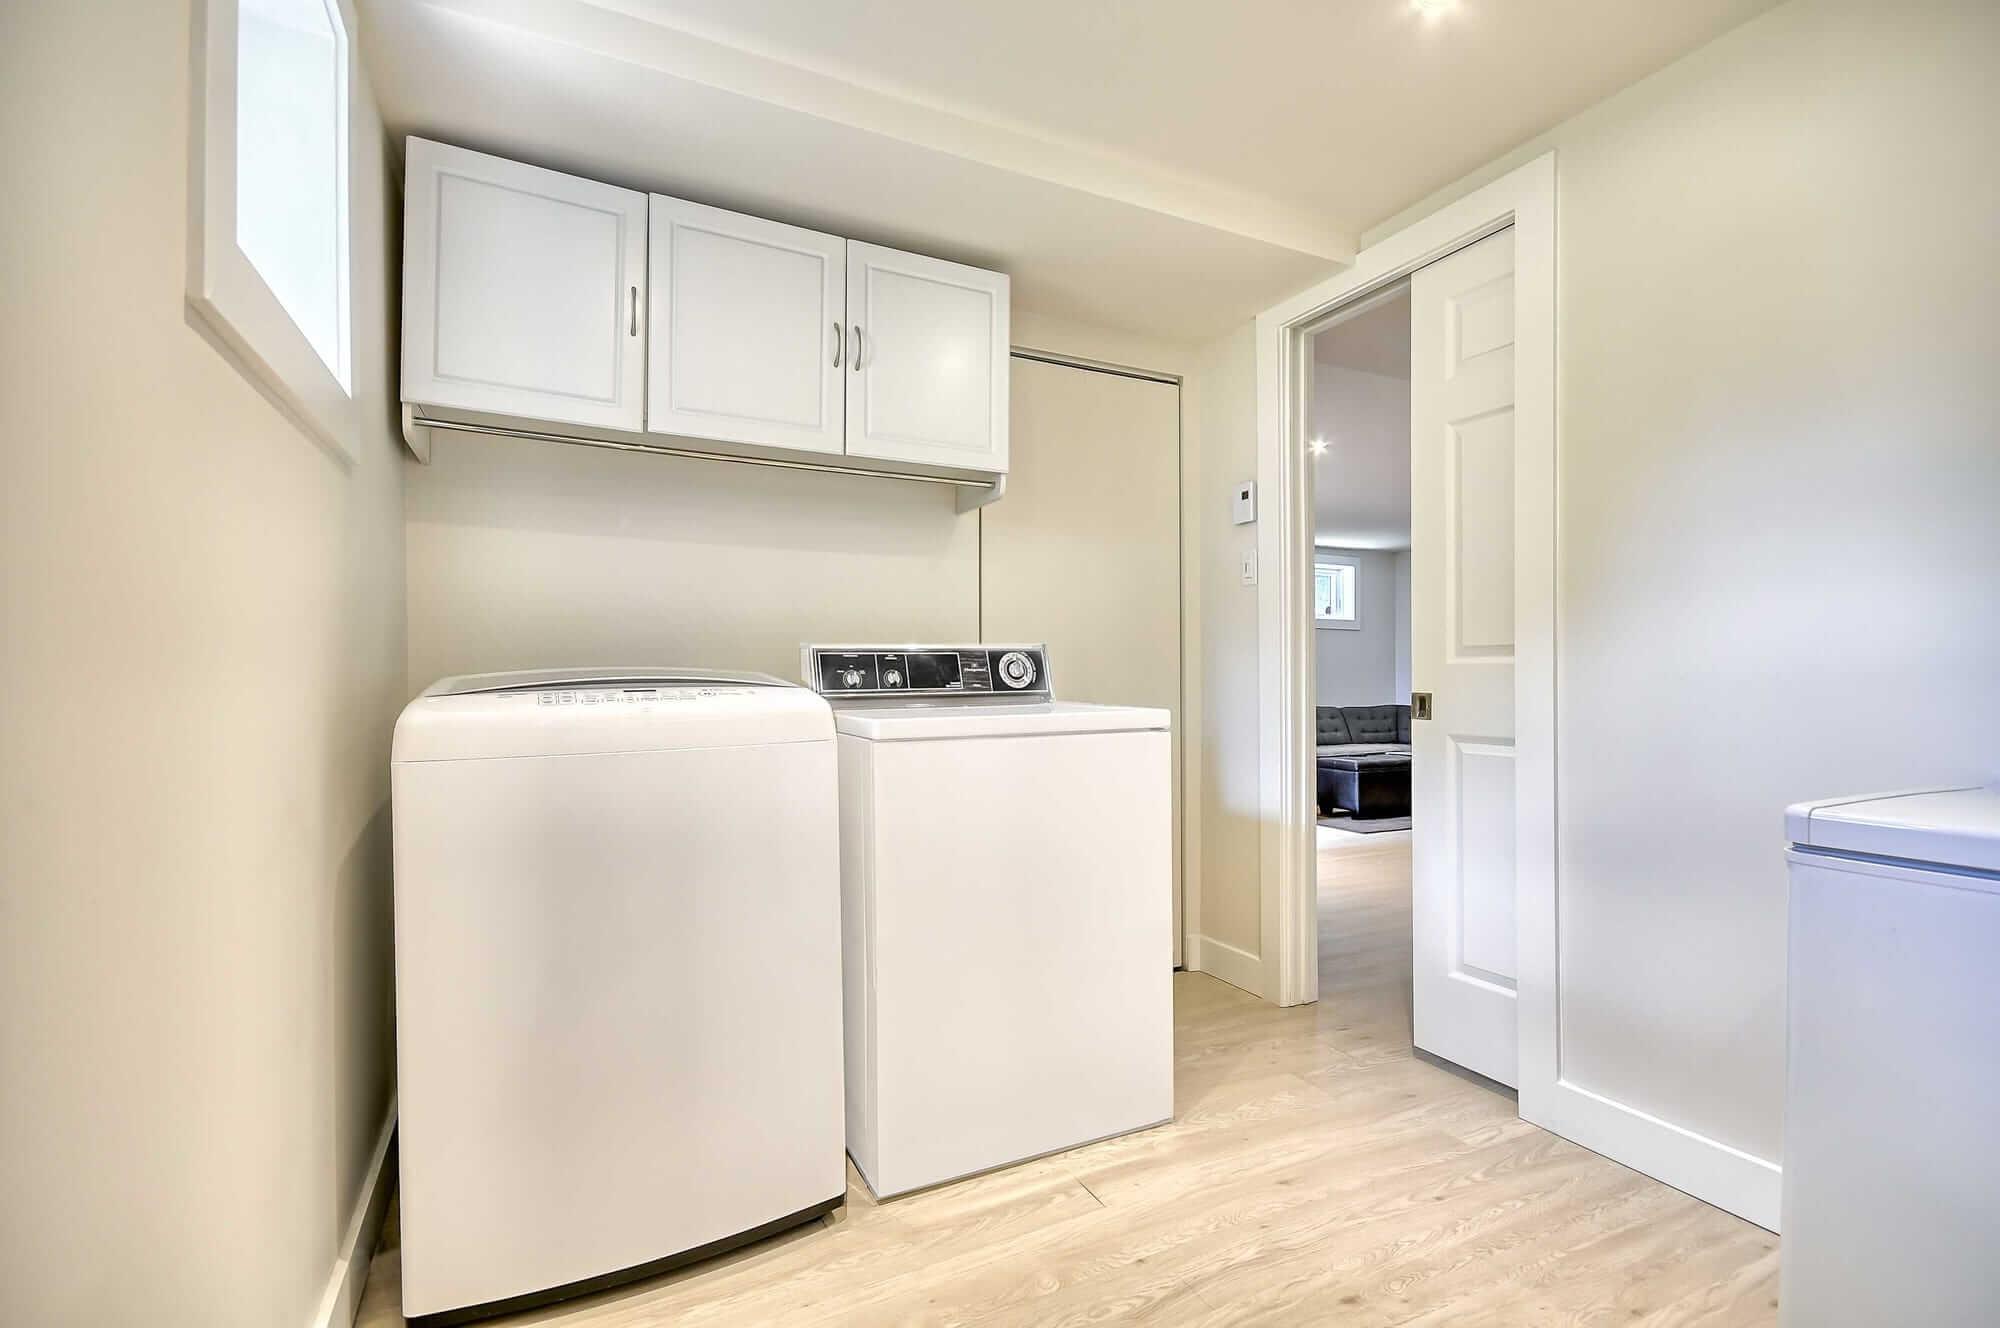 salle de lavage dans un sous-sol rénové avec laveuse-sécheuse et congélateur